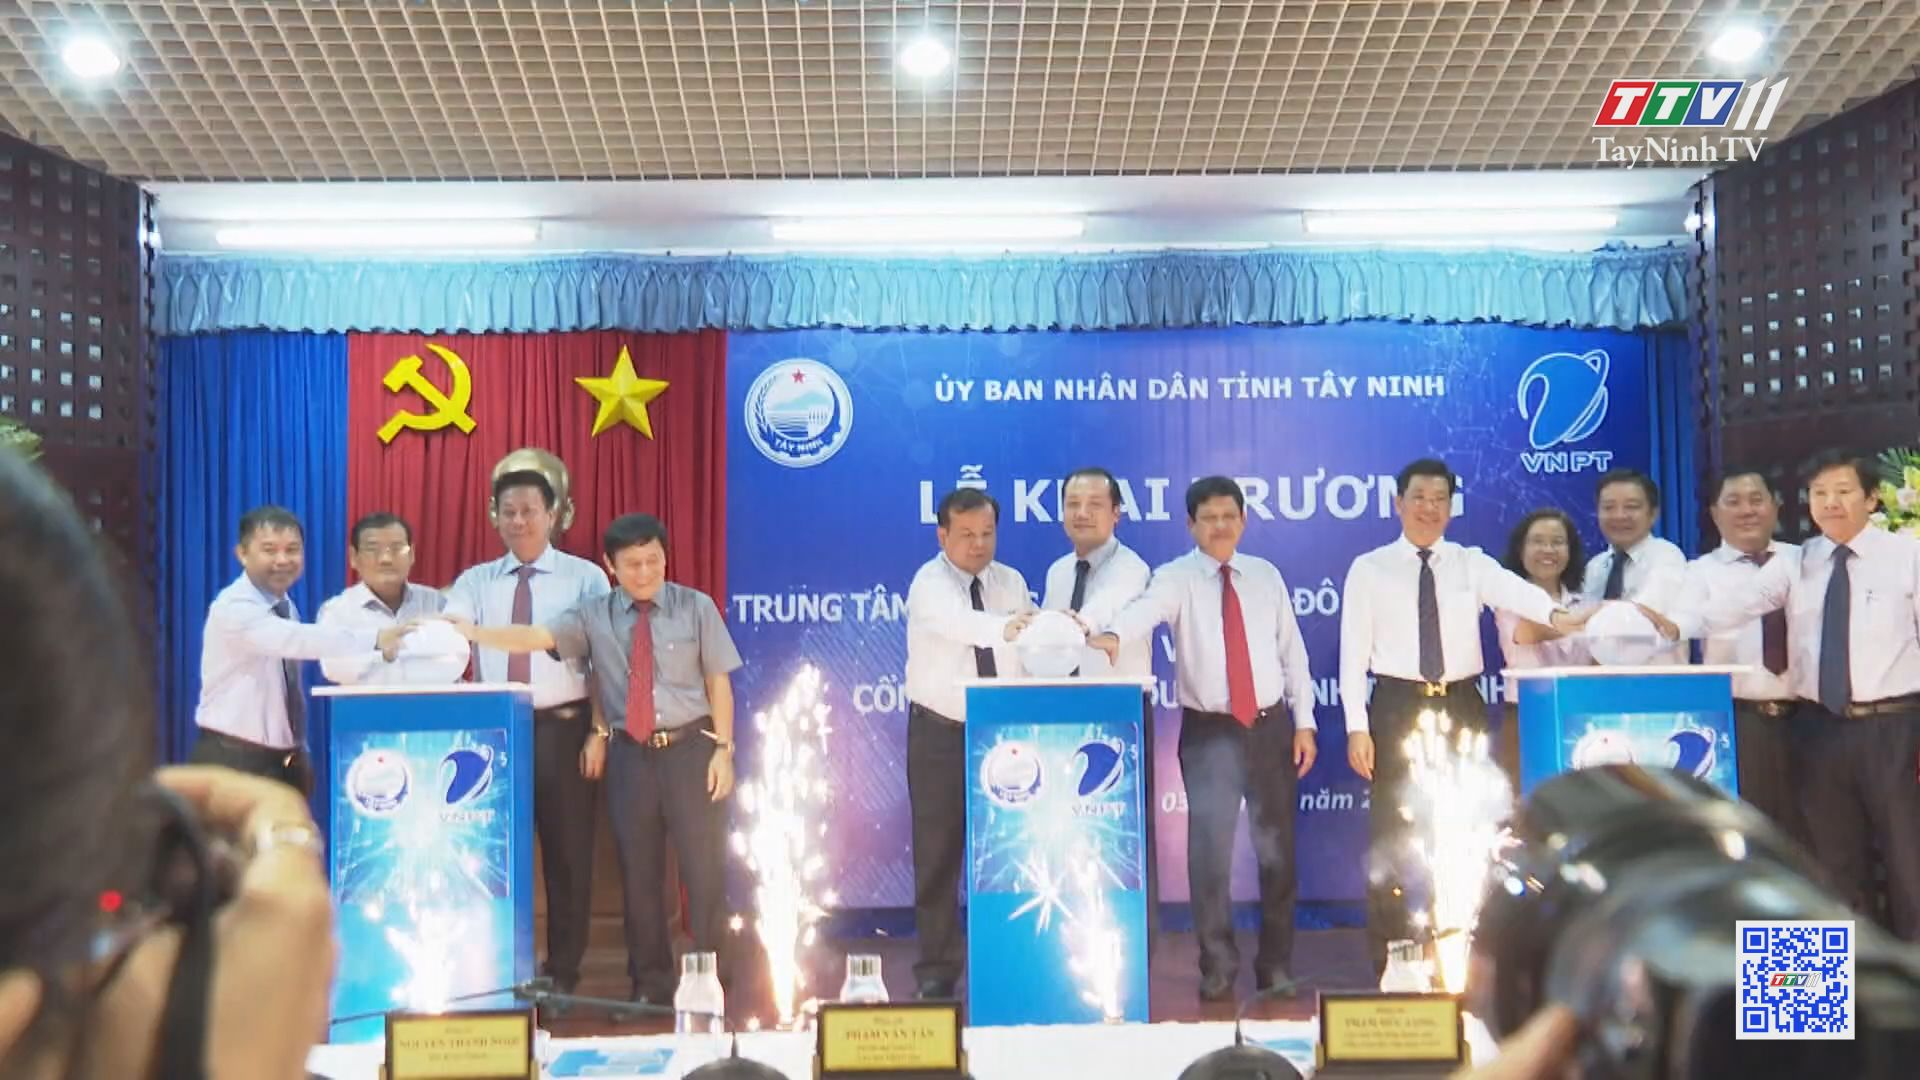 Một năm nhiều khởi sắc của ngành thông tin và truyền thông Tây Ninh | CẢI CÁCH HÀNH CHÍNH | TayNinhTV